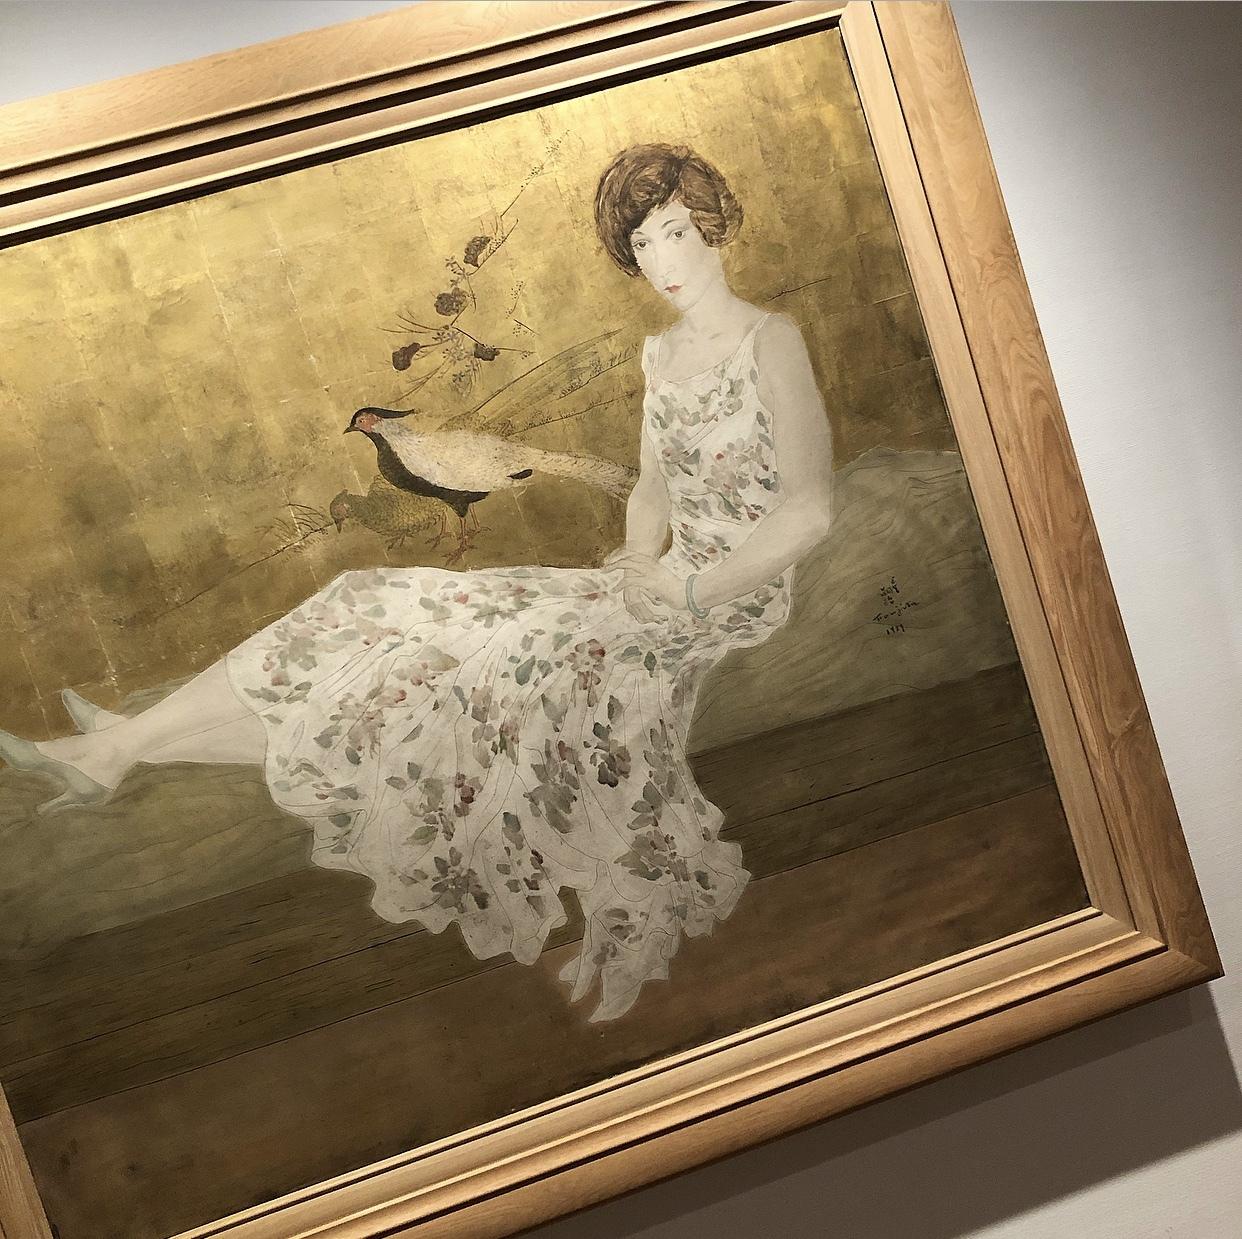 秋色ジレで、ロンドンナショナルギャラリー展へ_1_2-2